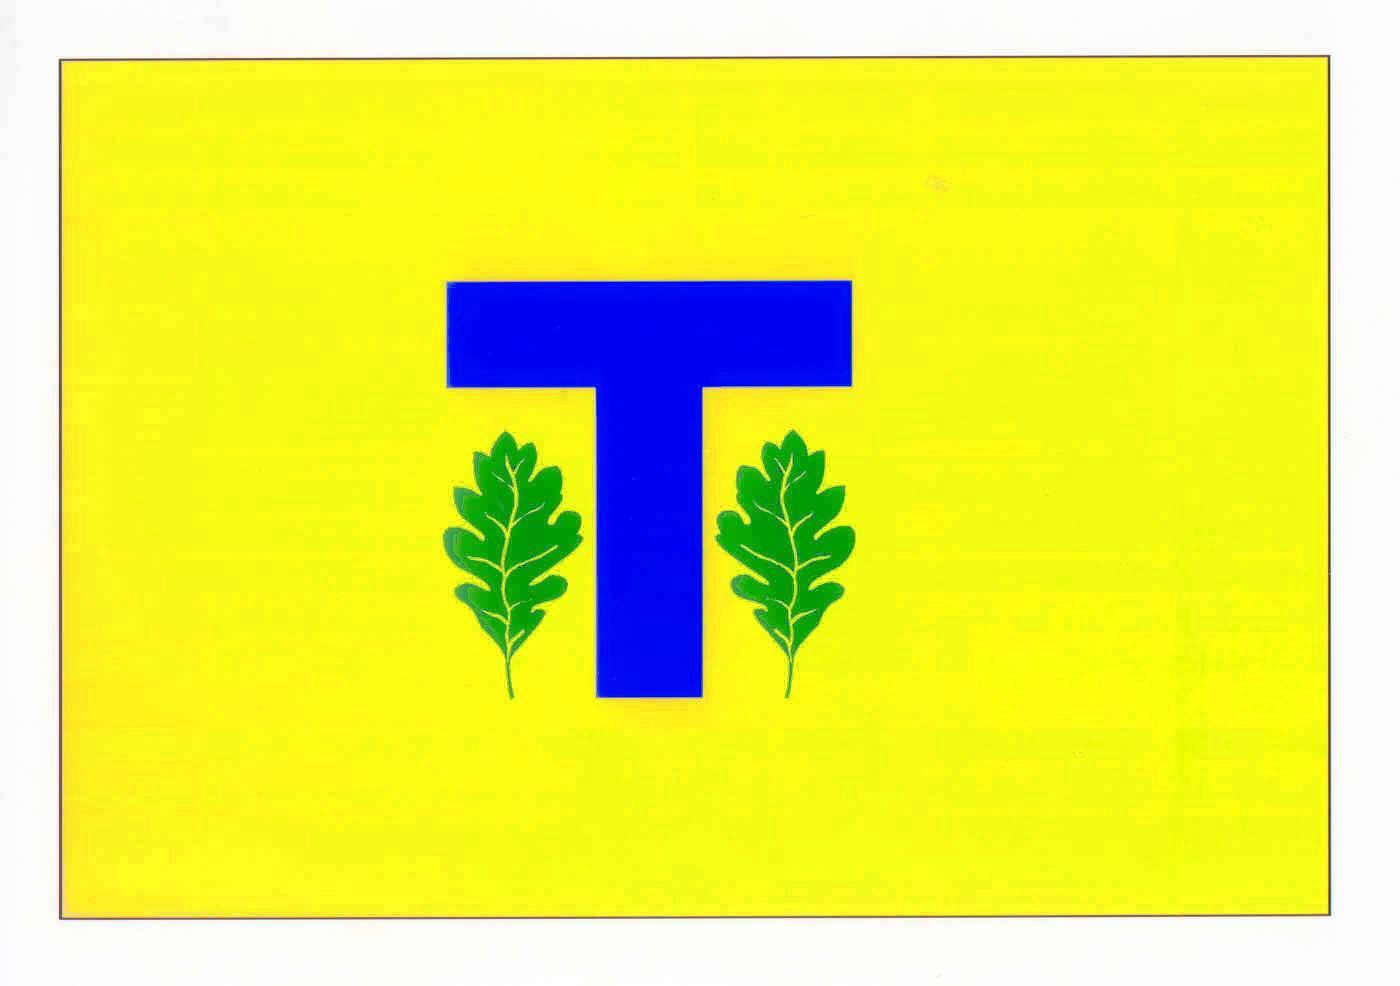 Flagge GemeindeMohrkirch, Kreis Schleswig-Flensburg